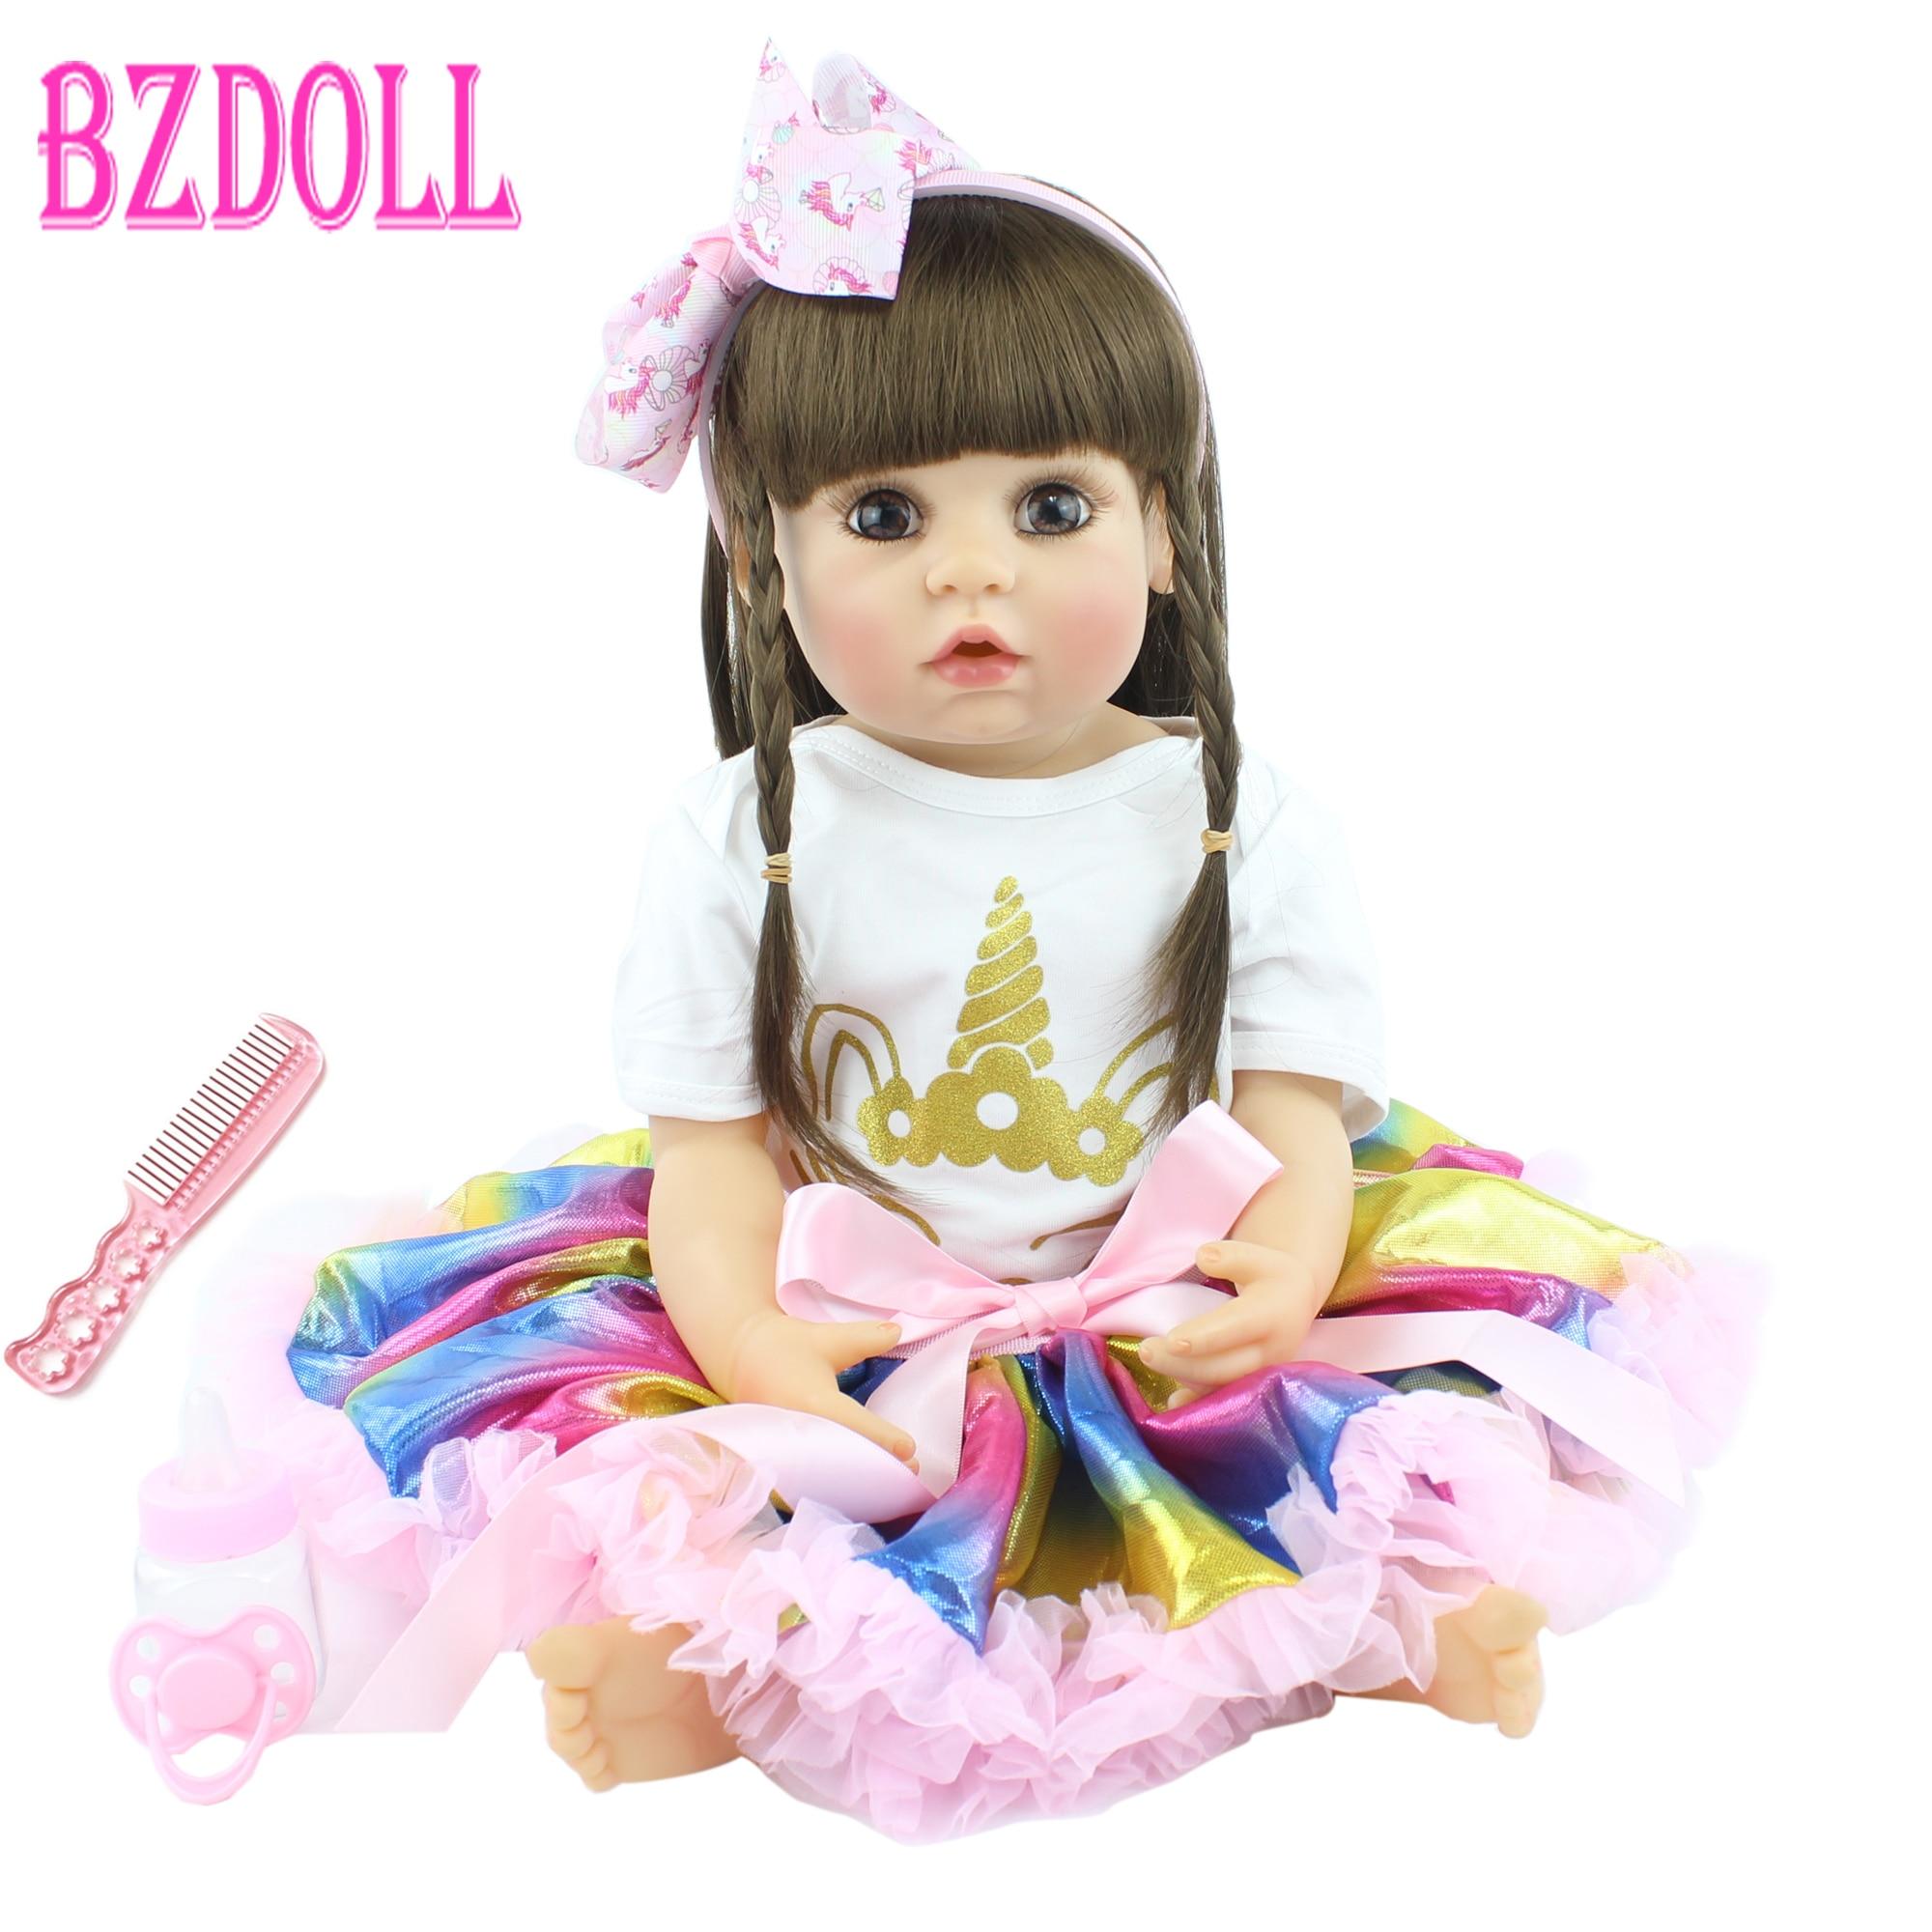 Muñeca de juguete Reborn de silicona completa, 55cm, vestido para bebés recién nacidos, Princesa, regalo de cumpleaños, juguete para dormir